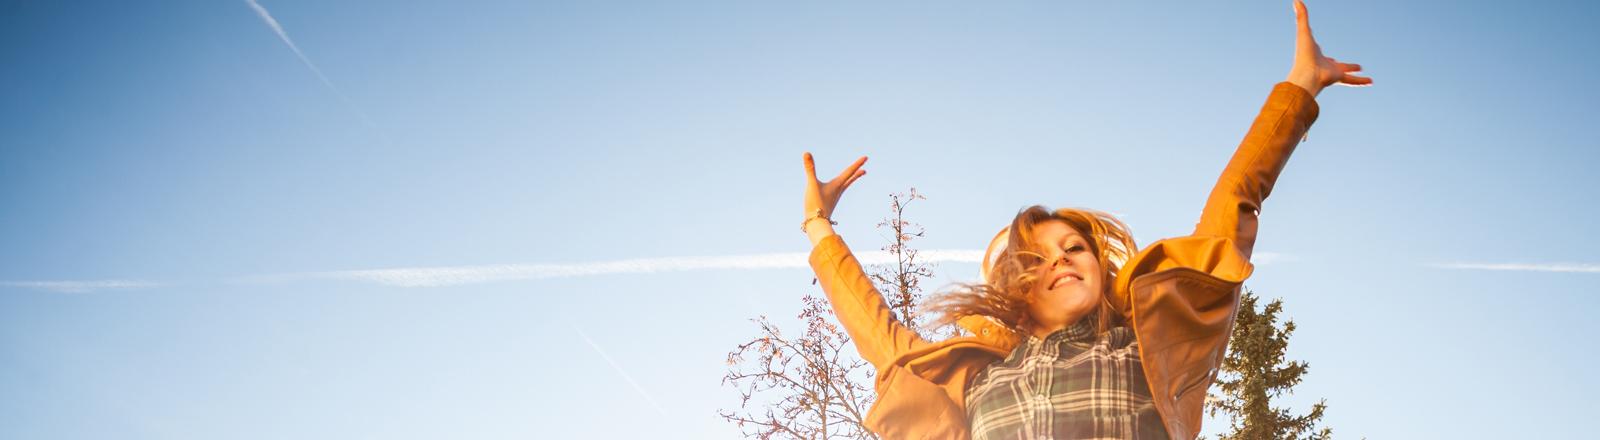 Eine junge Frau springt in die Luft